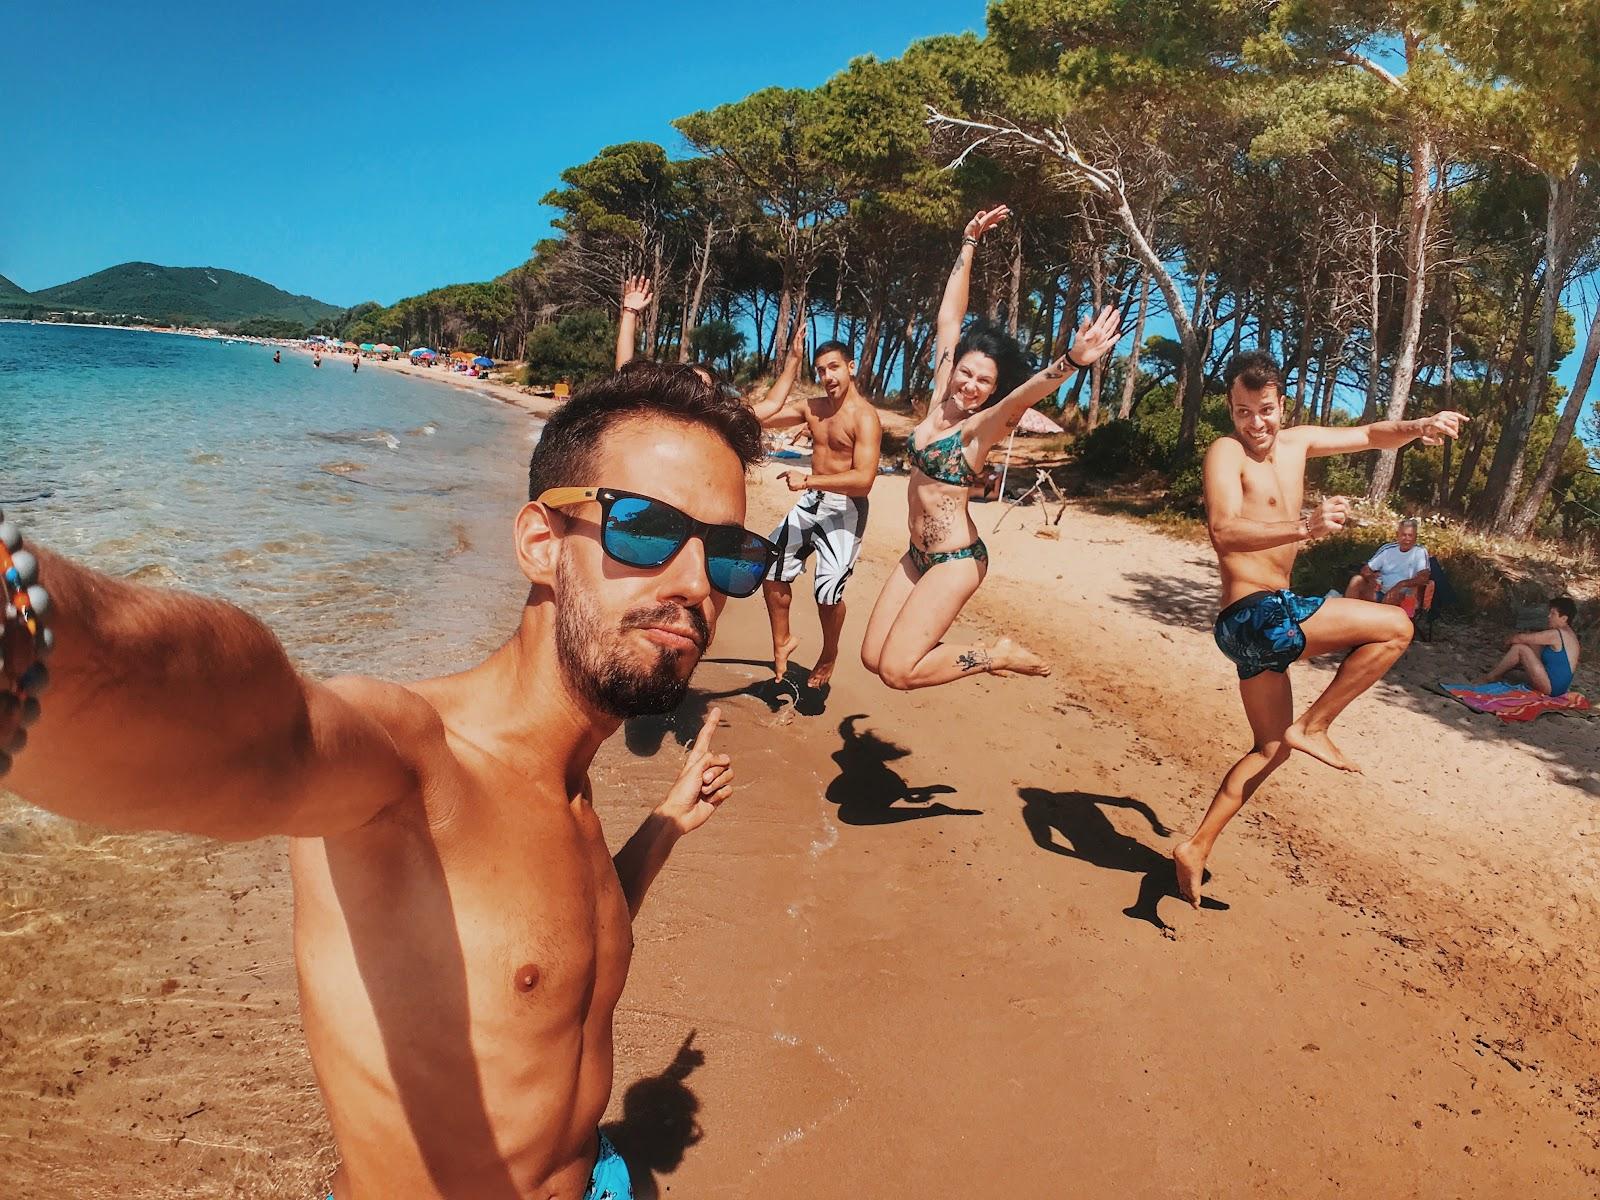 Homens e mulheres posando e pulando para selfie com diferentes tipos de biquínis.